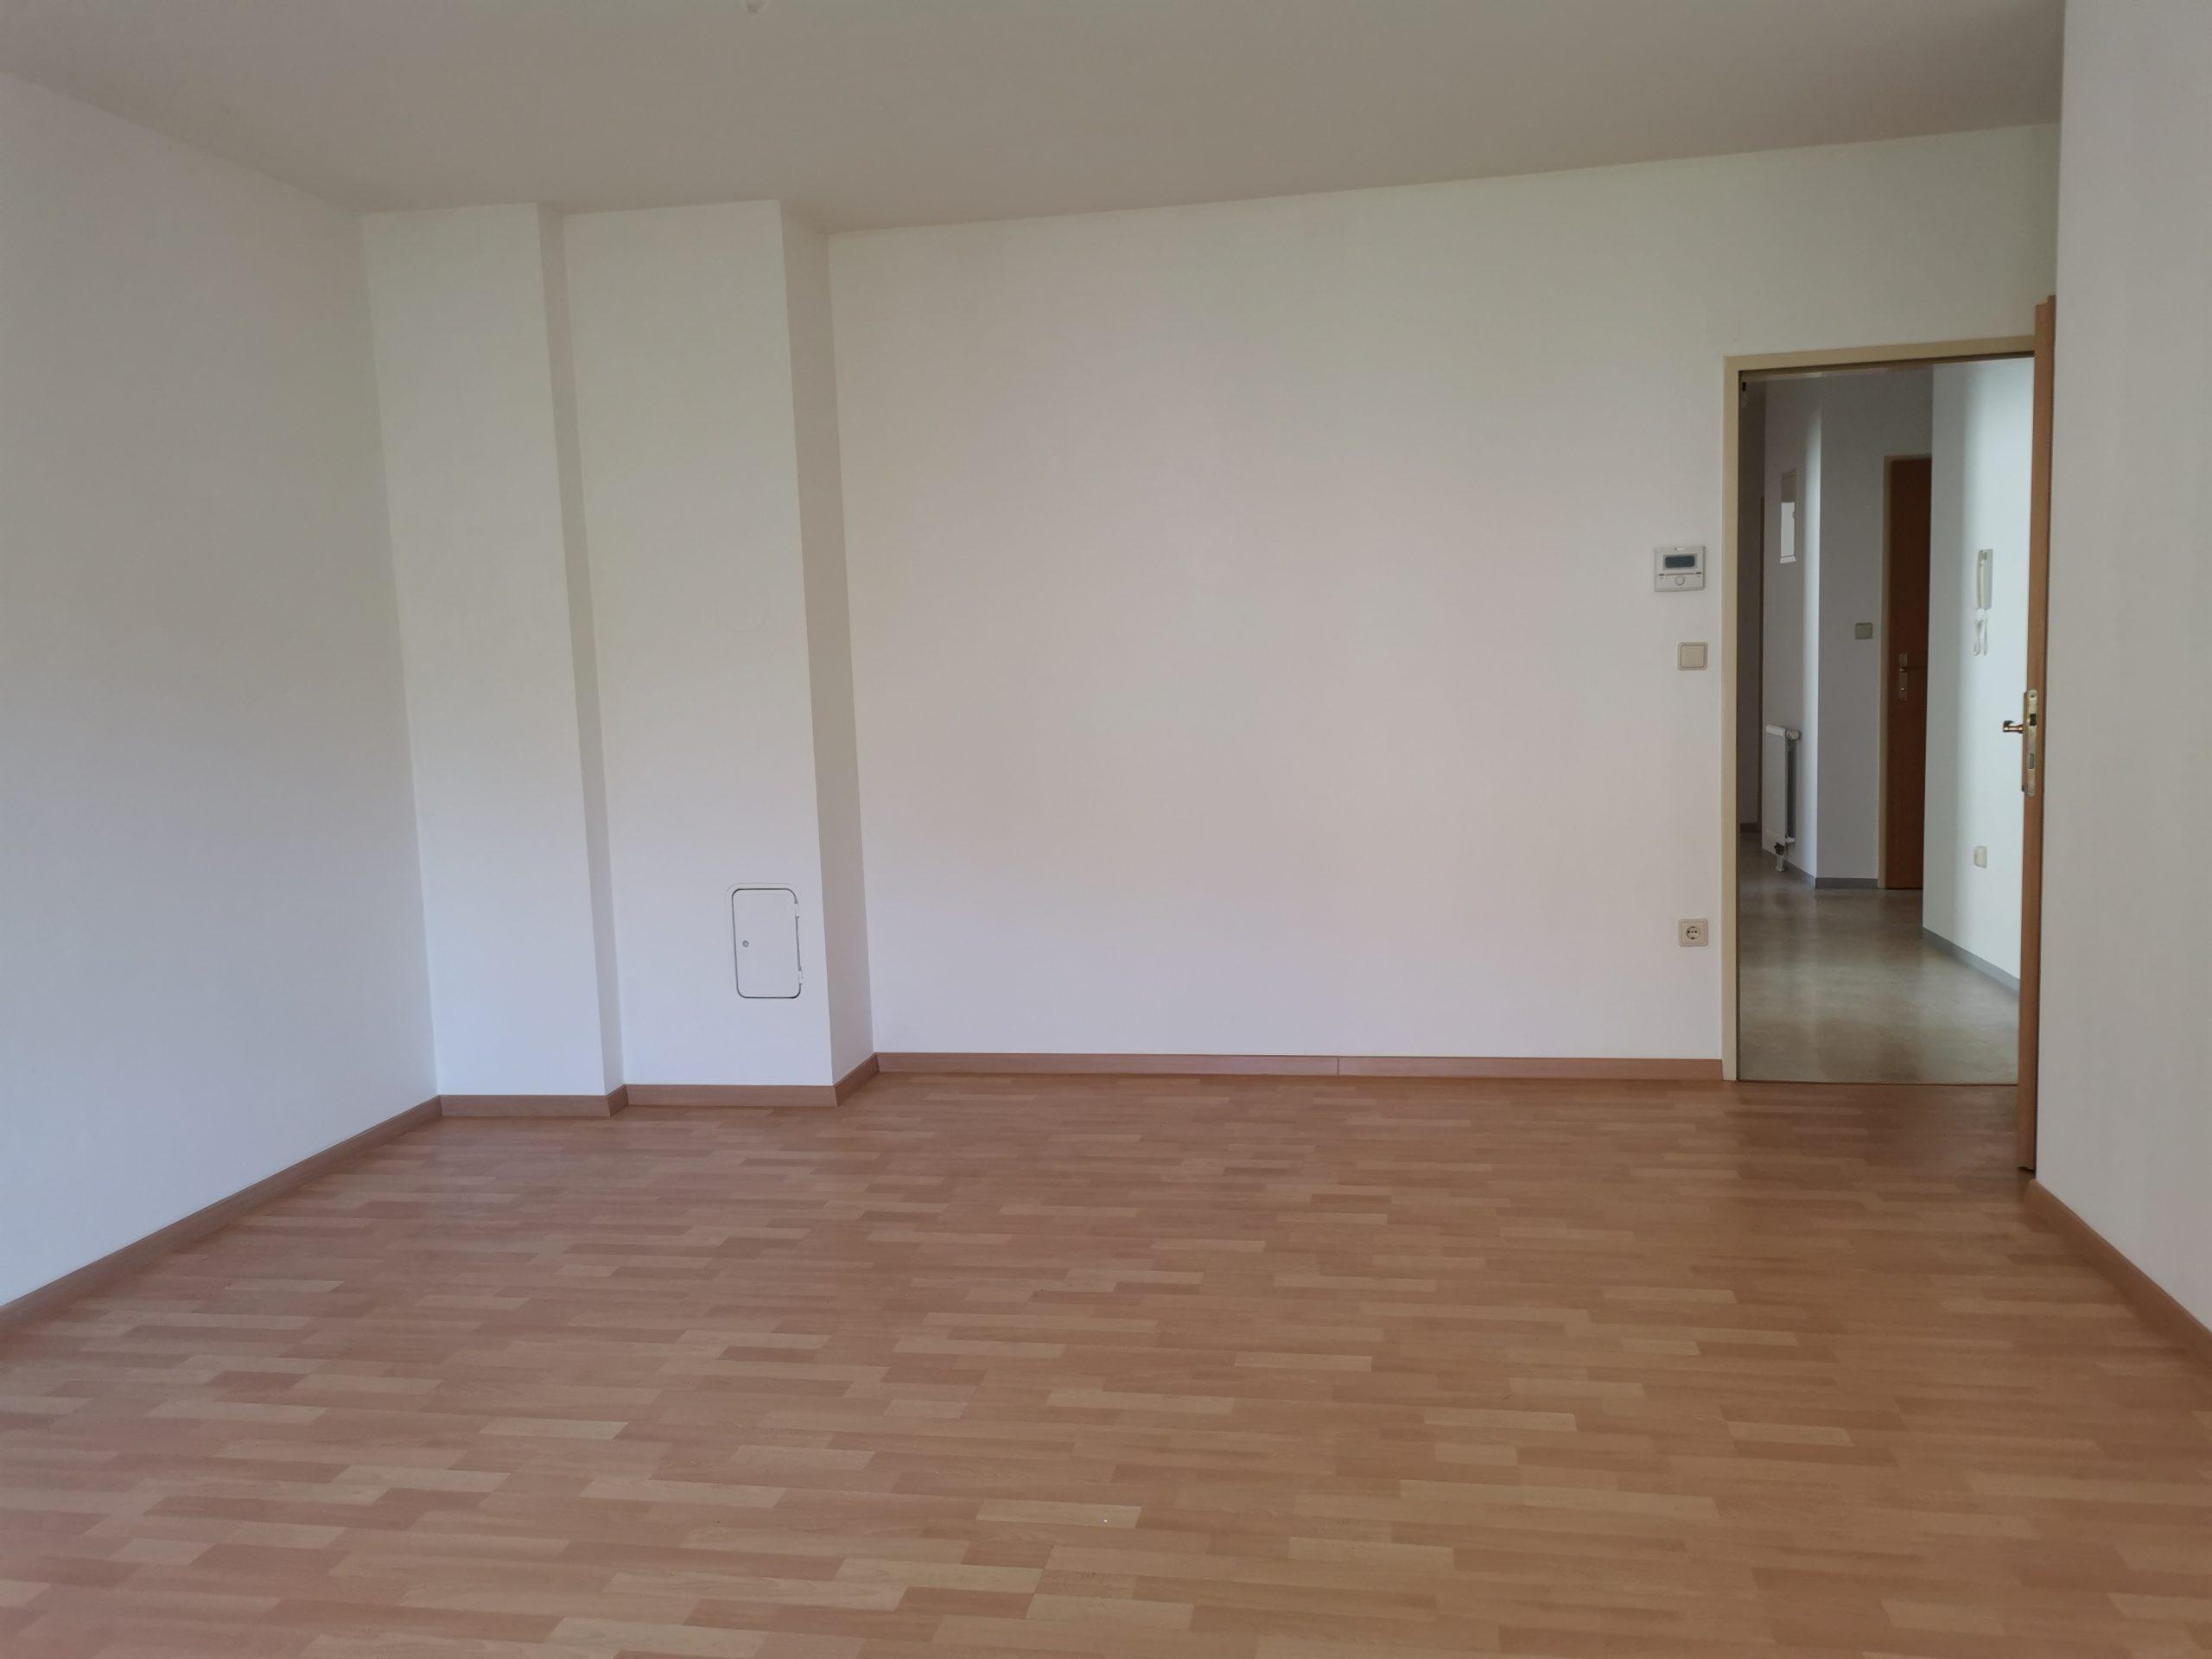 Immobilie von Kamptal in 3730 Eggenburg, Horn, Eggenburg III/4 - Top 6 #1